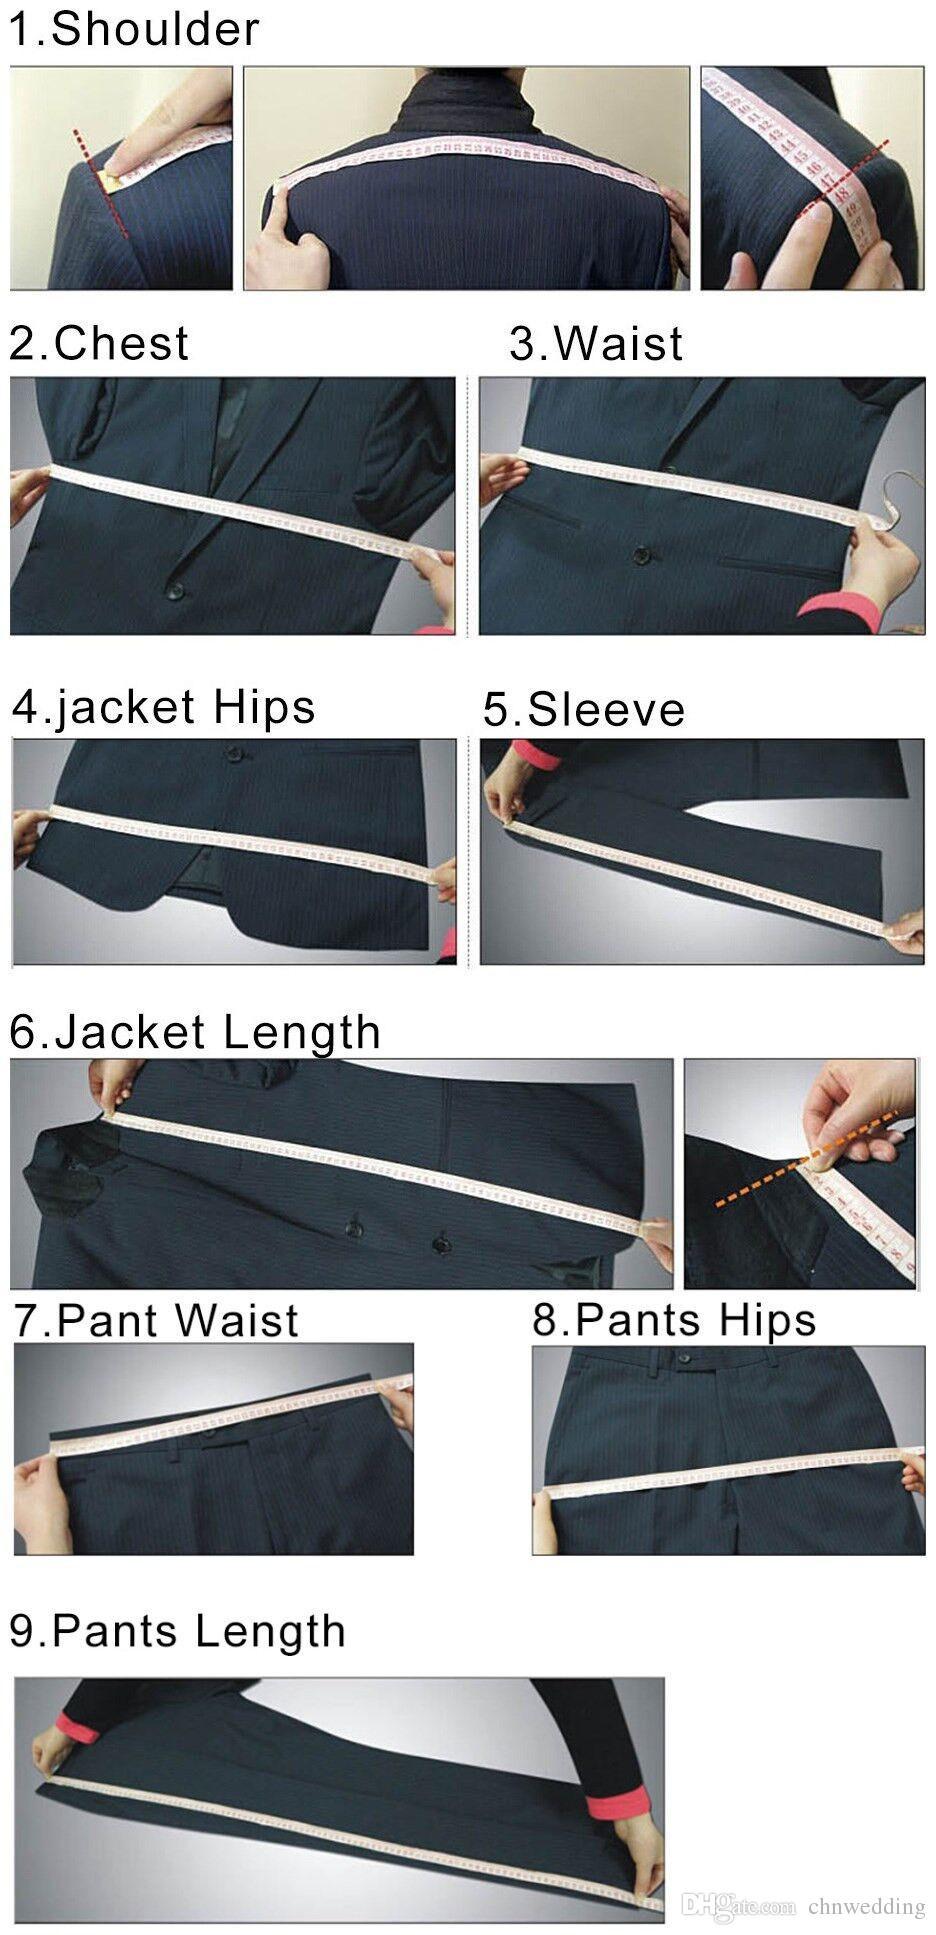 Son Ceket Pantolon Tasarımları Fildişi Bej Plaj Keten Erkekler 2018 Takım Elbise Düğün Takım Elbise Yaz Evlilik Damat Smokin 3 Parça Ceket + Pantolon + Yelek